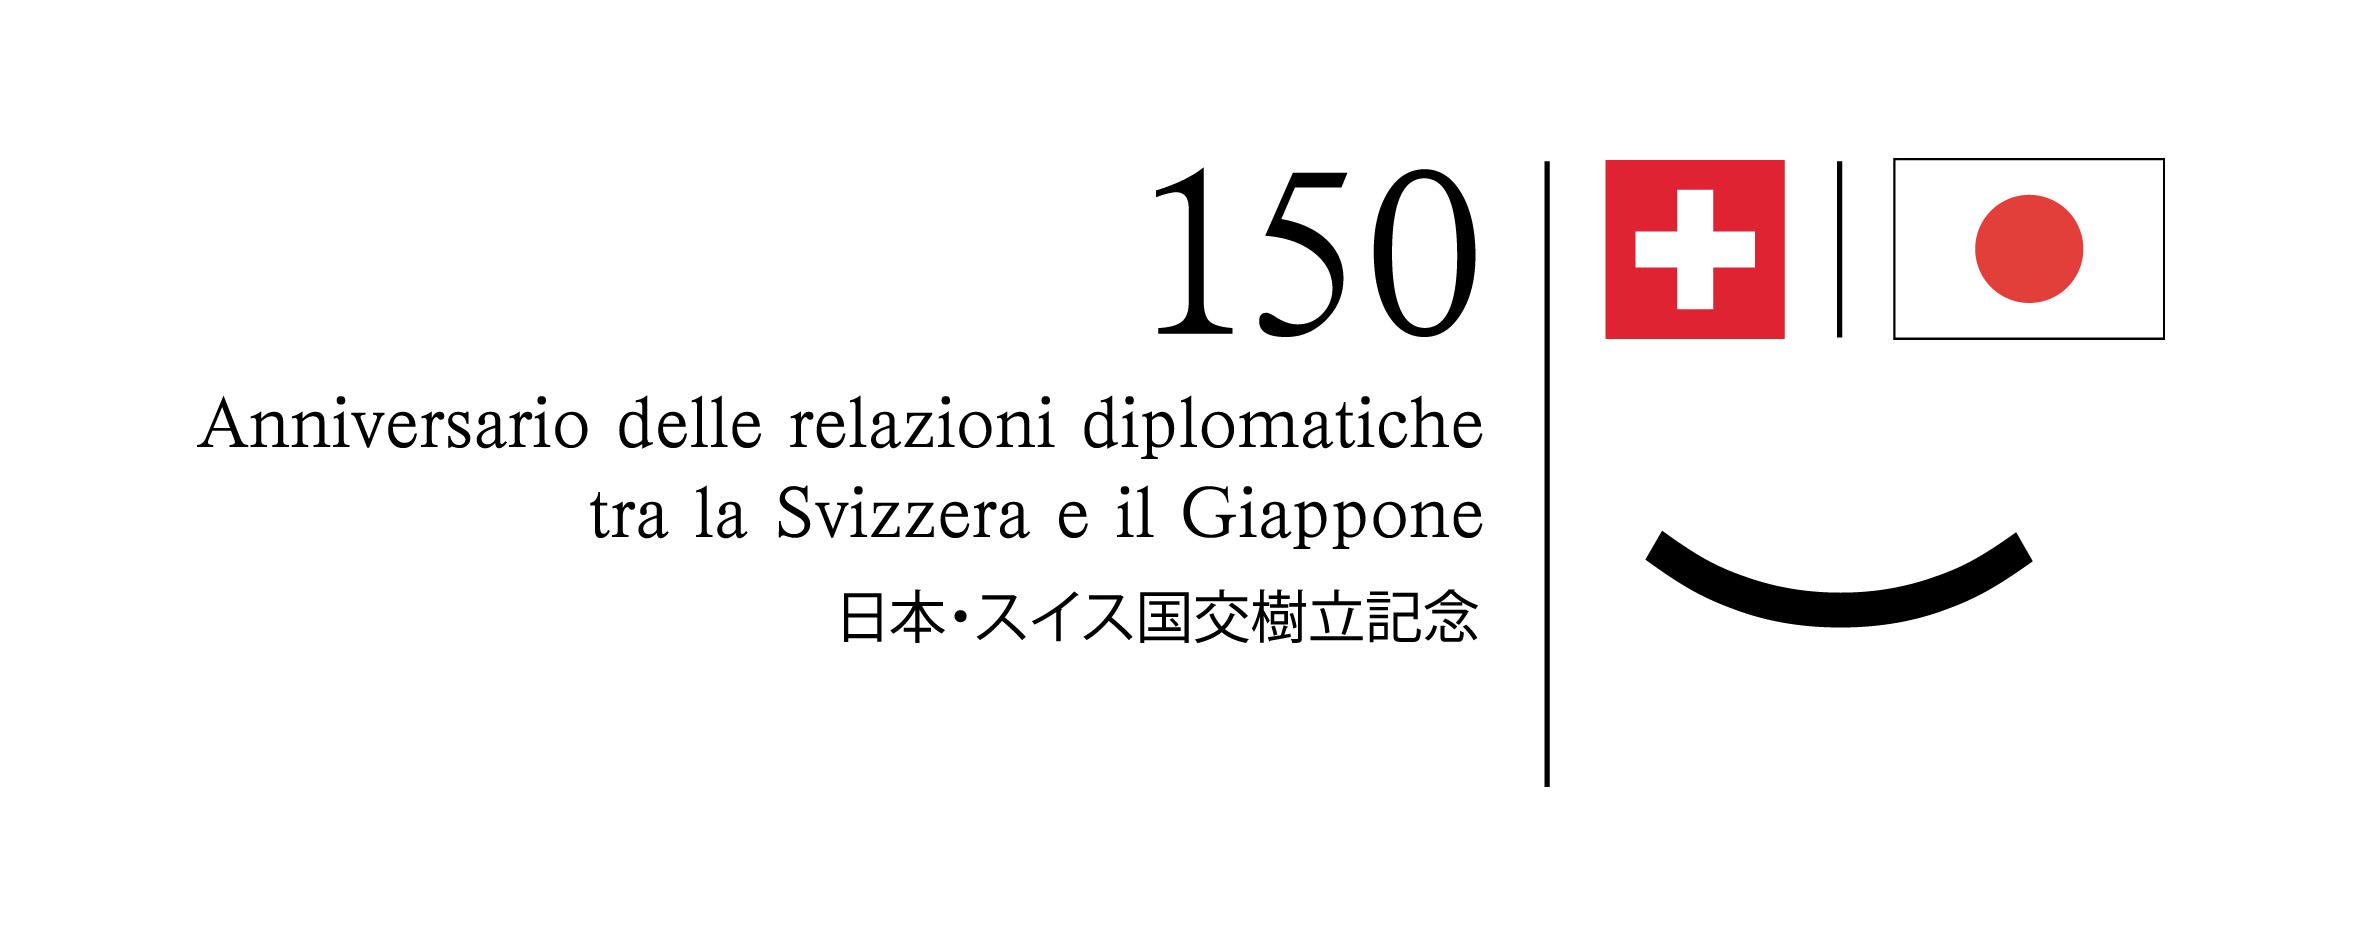 日本・スイス国交樹立150 周年記念ロゴイタリア語